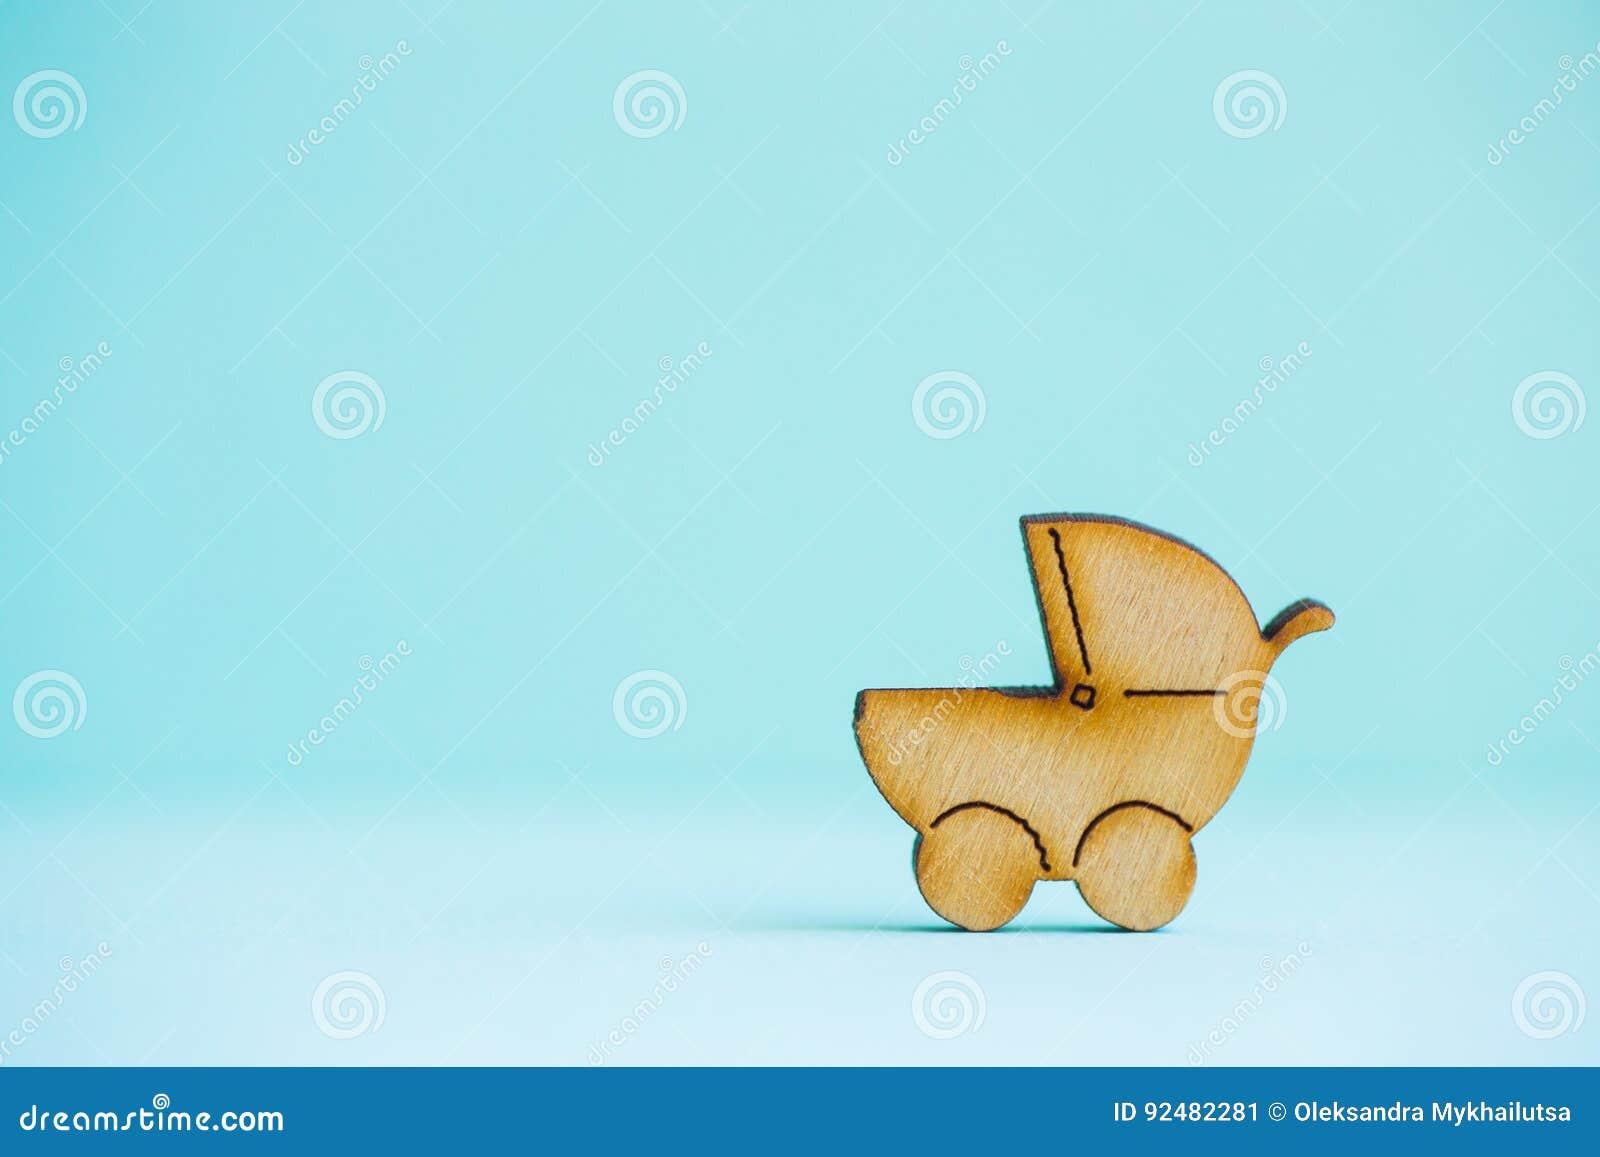 Drewniana ikona dziecko powozik na nowym tle